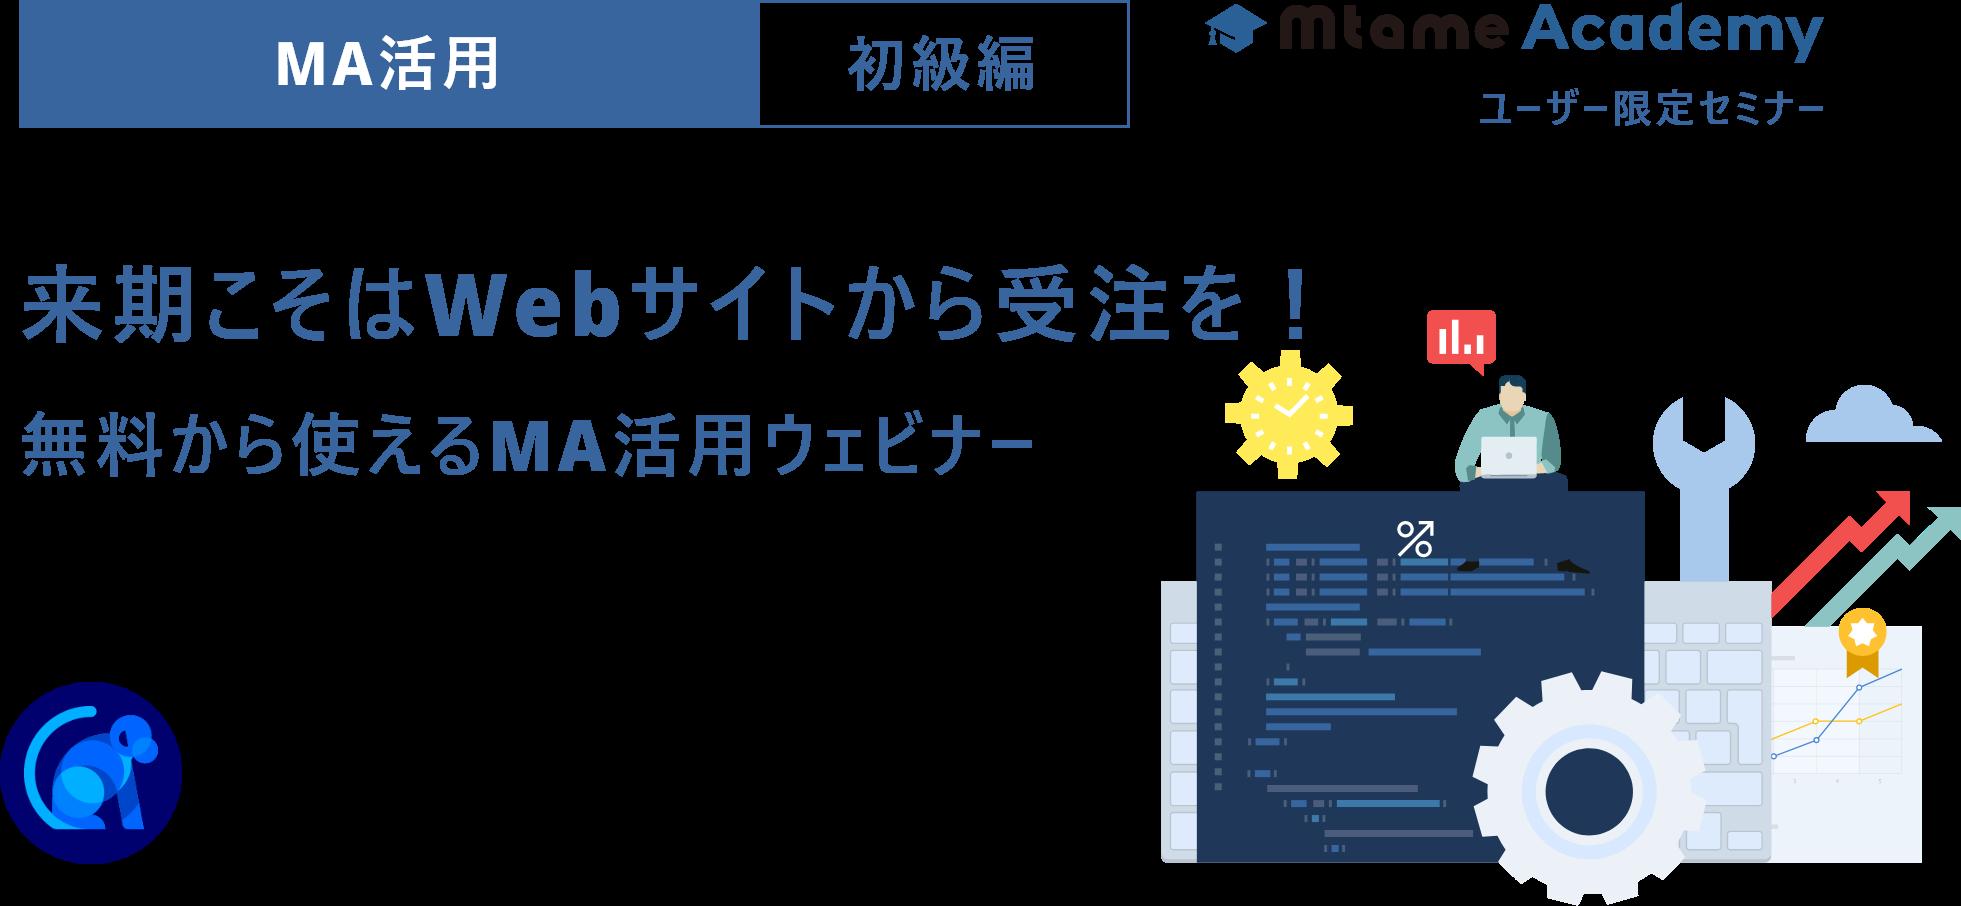 【3月15日(月)】[BlueMonkeyユーザー限定] 無料から使えるMAツール活用ウェビナー